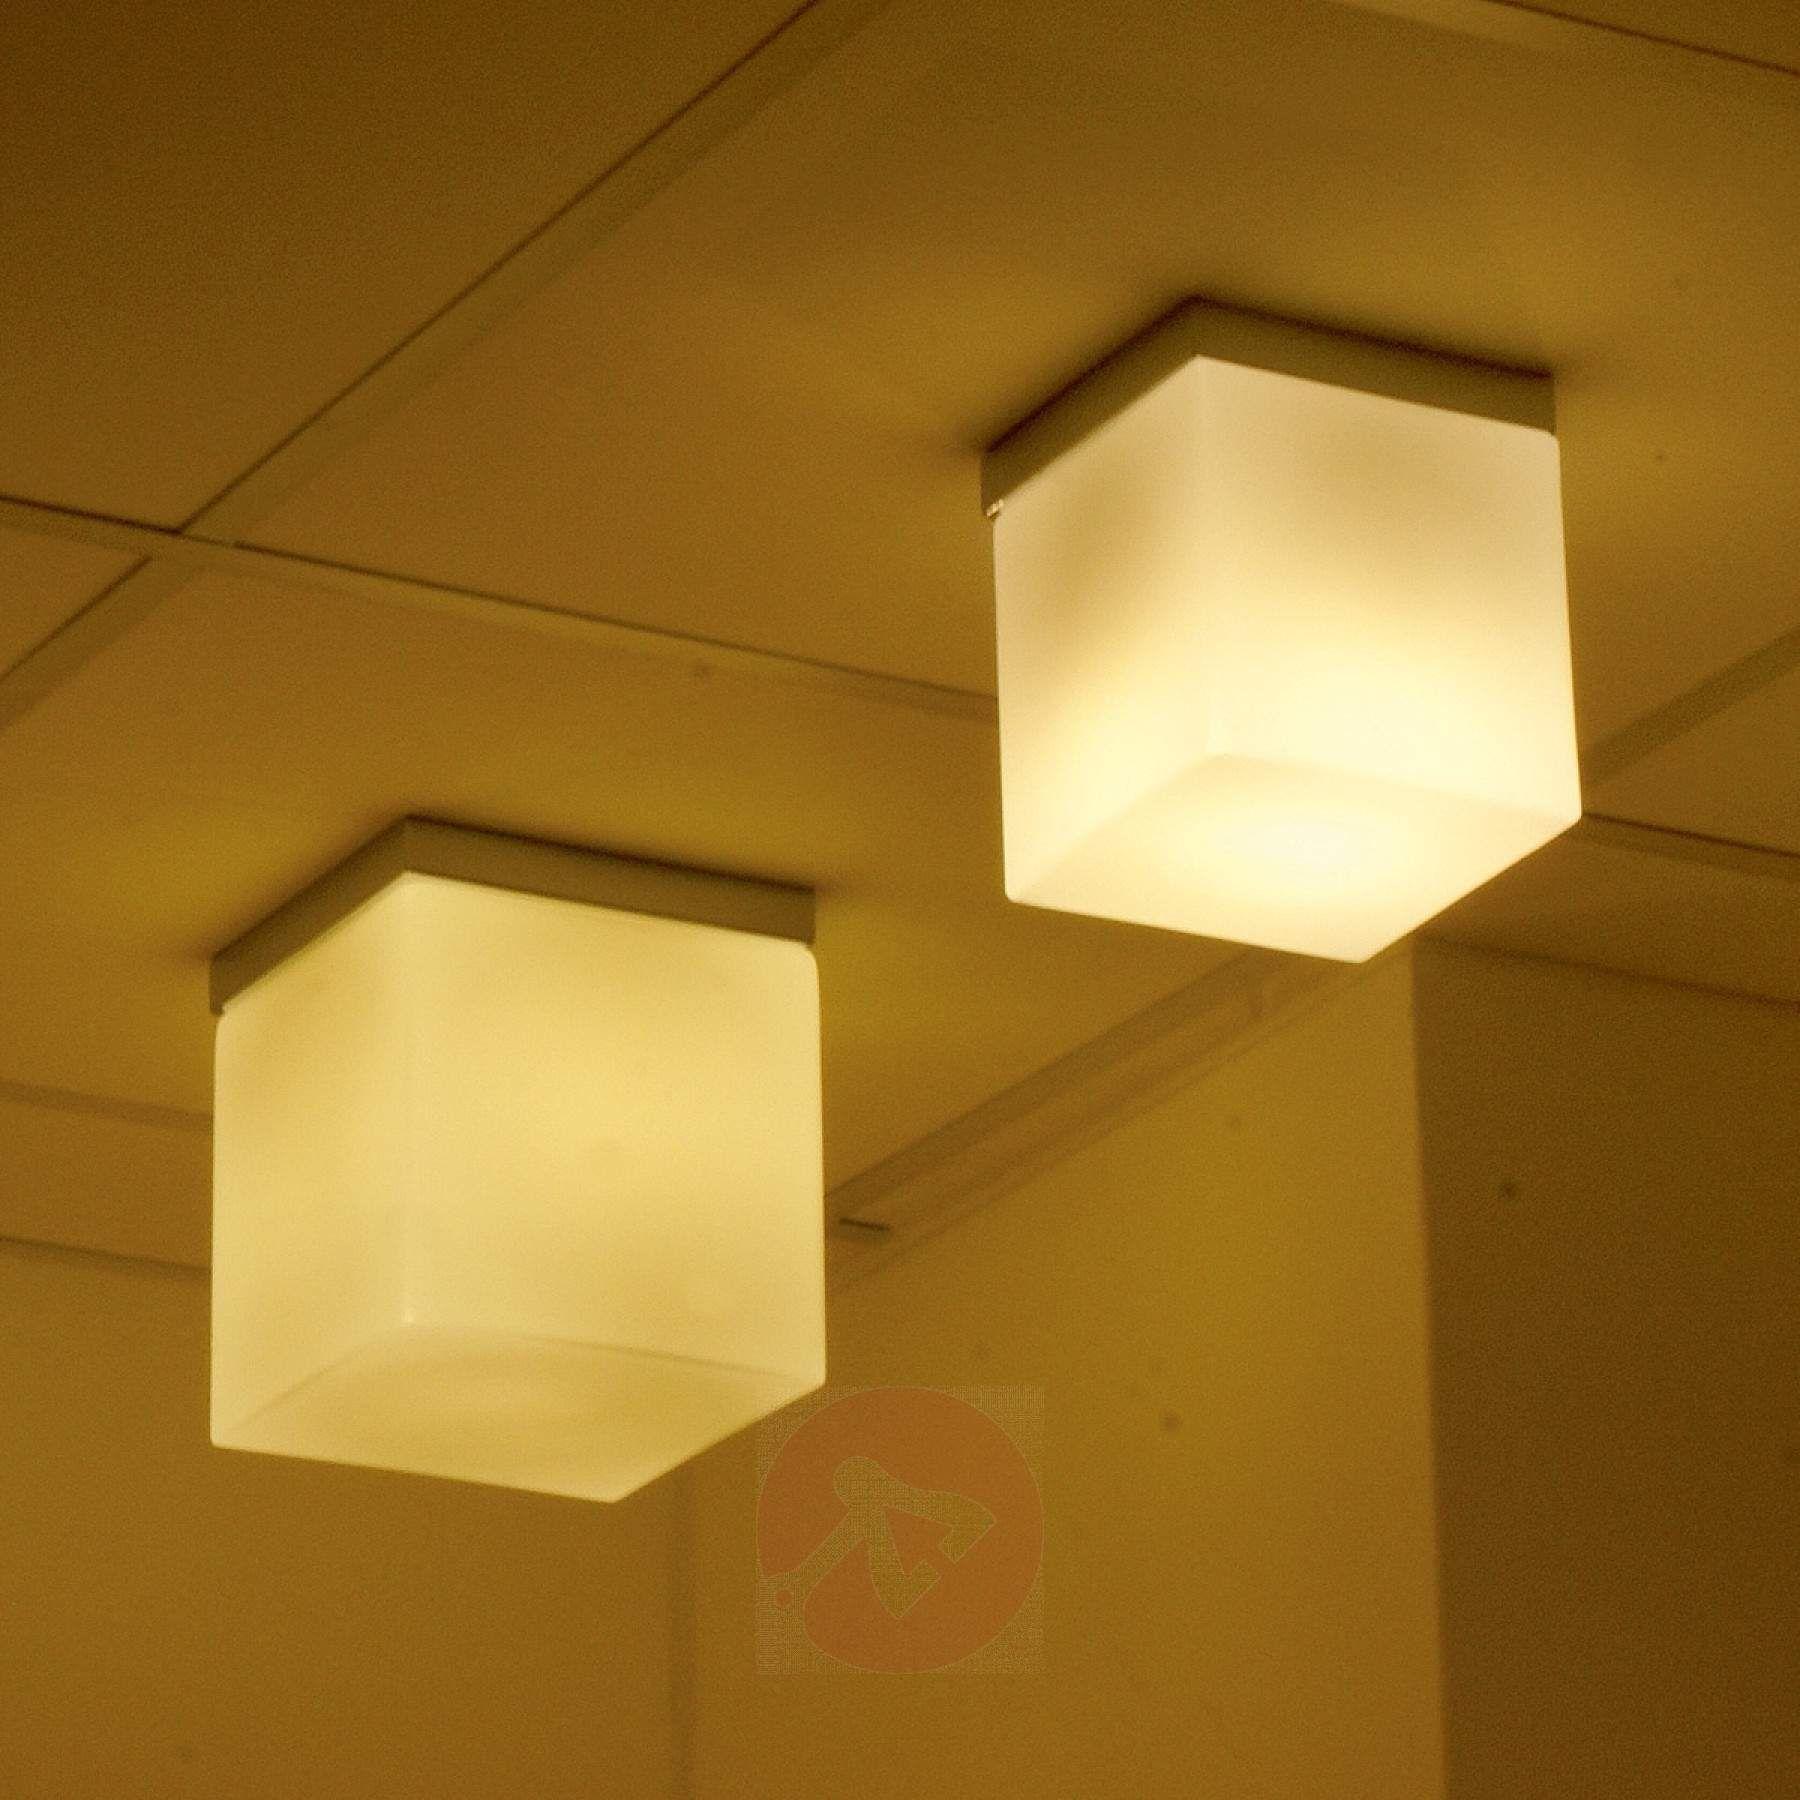 Begeisternde Deckenleuchte Livia 16 Cm Beleuchtung Decke Lampen Und Leuchten Lampen